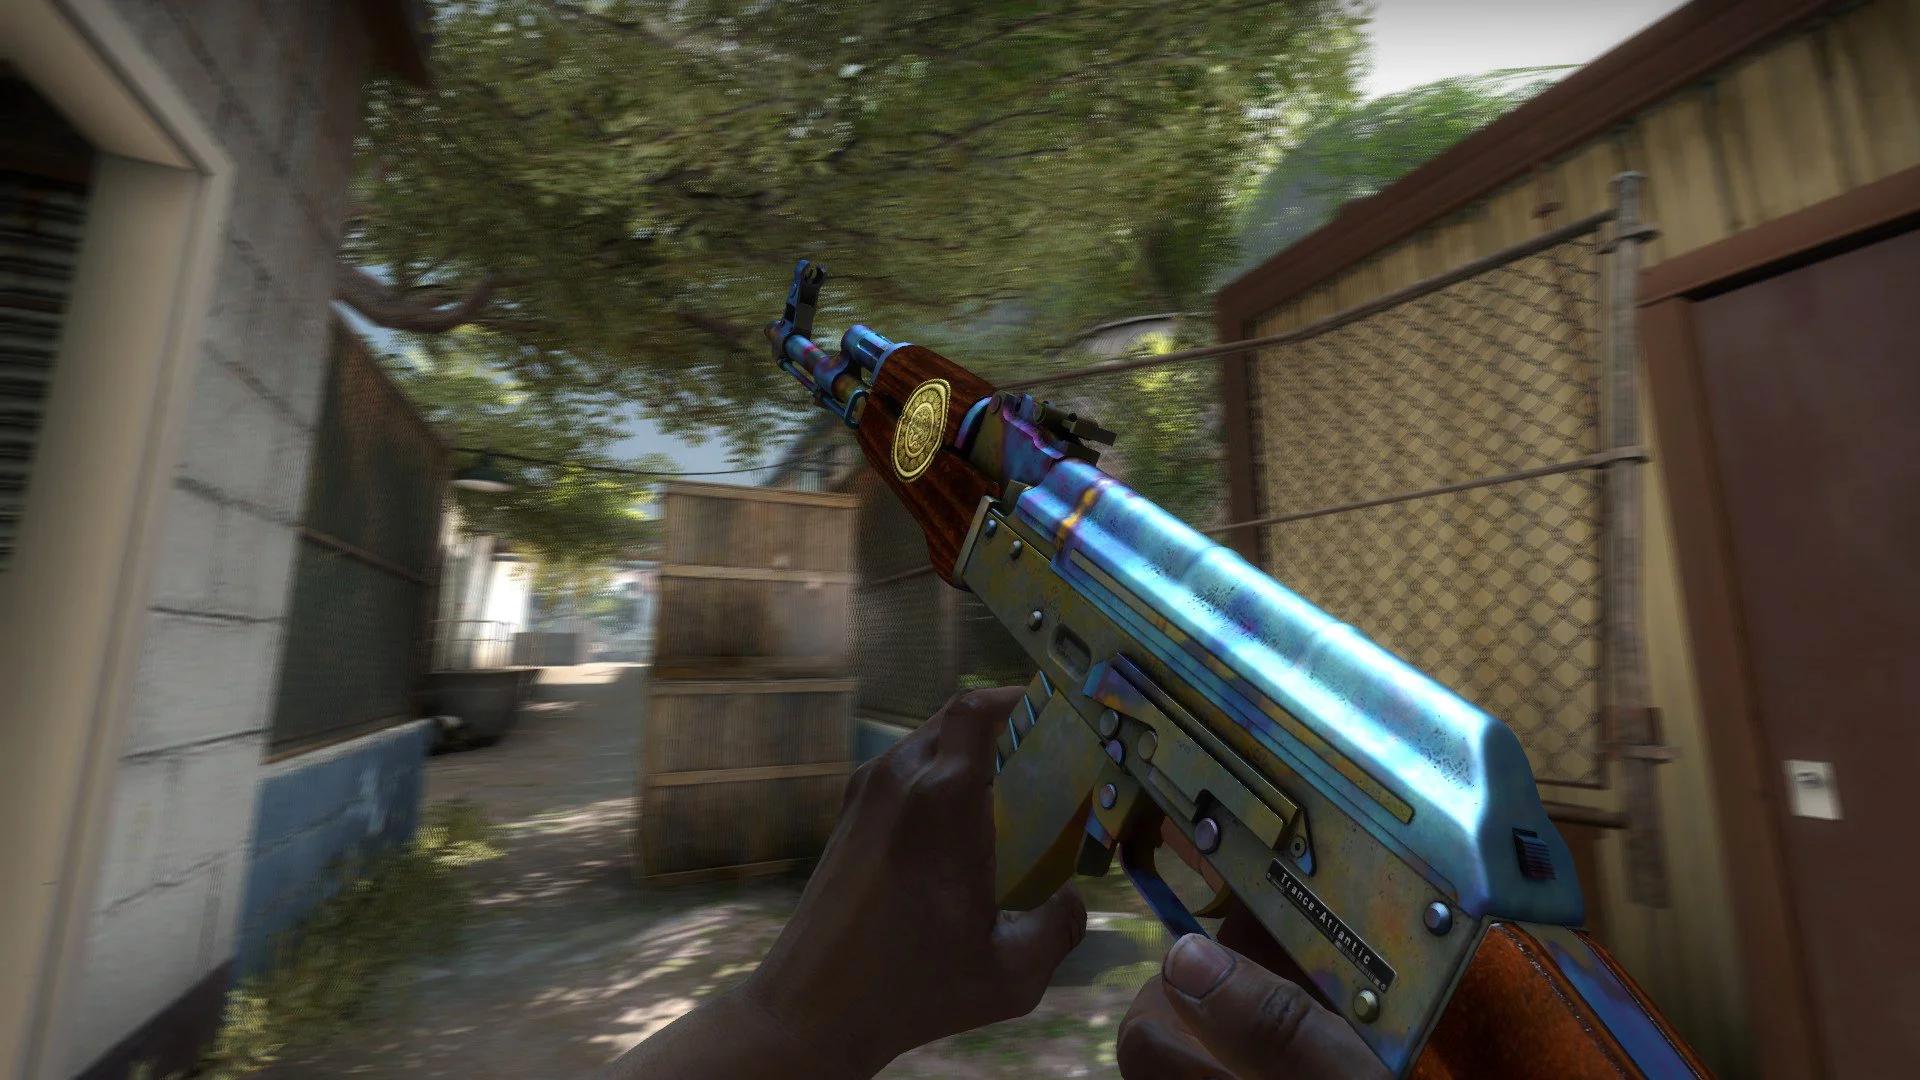 Um screenshot de CS:GO. Perspectiva em primeira pessoa de um jogador a correr por um beco, segurando uma espingarda AK-47